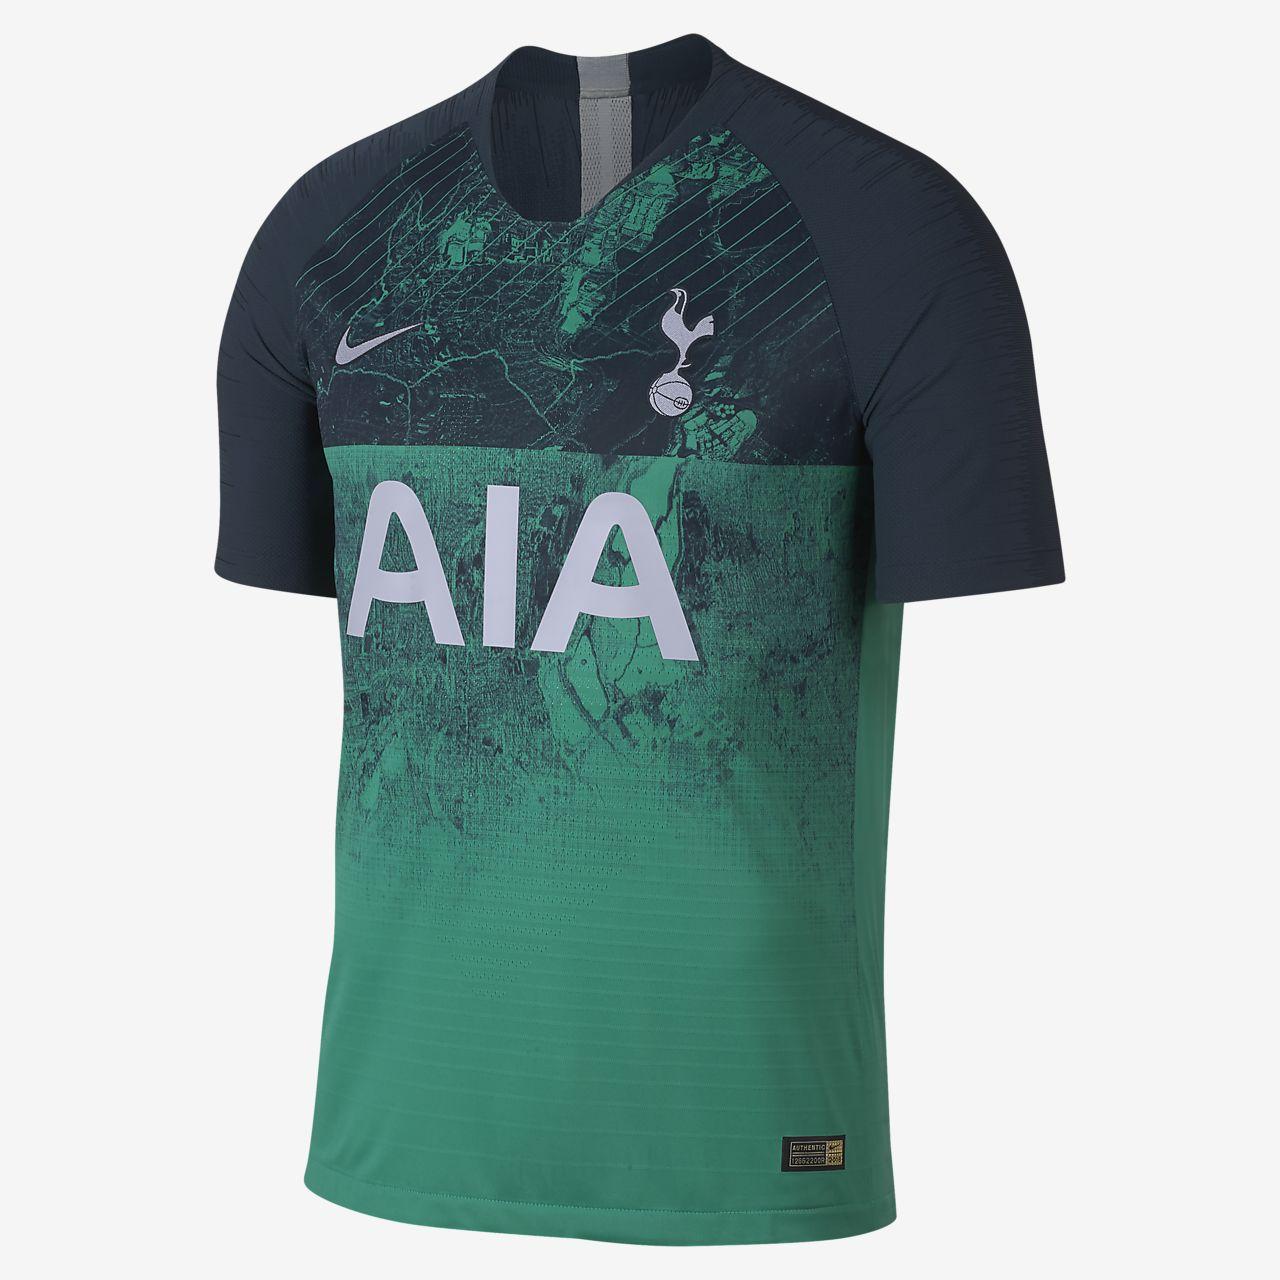 8950779b48027 ... Camiseta de manga corta para hombre Nike VaporKnit Tottenham Hotspur FC  Match